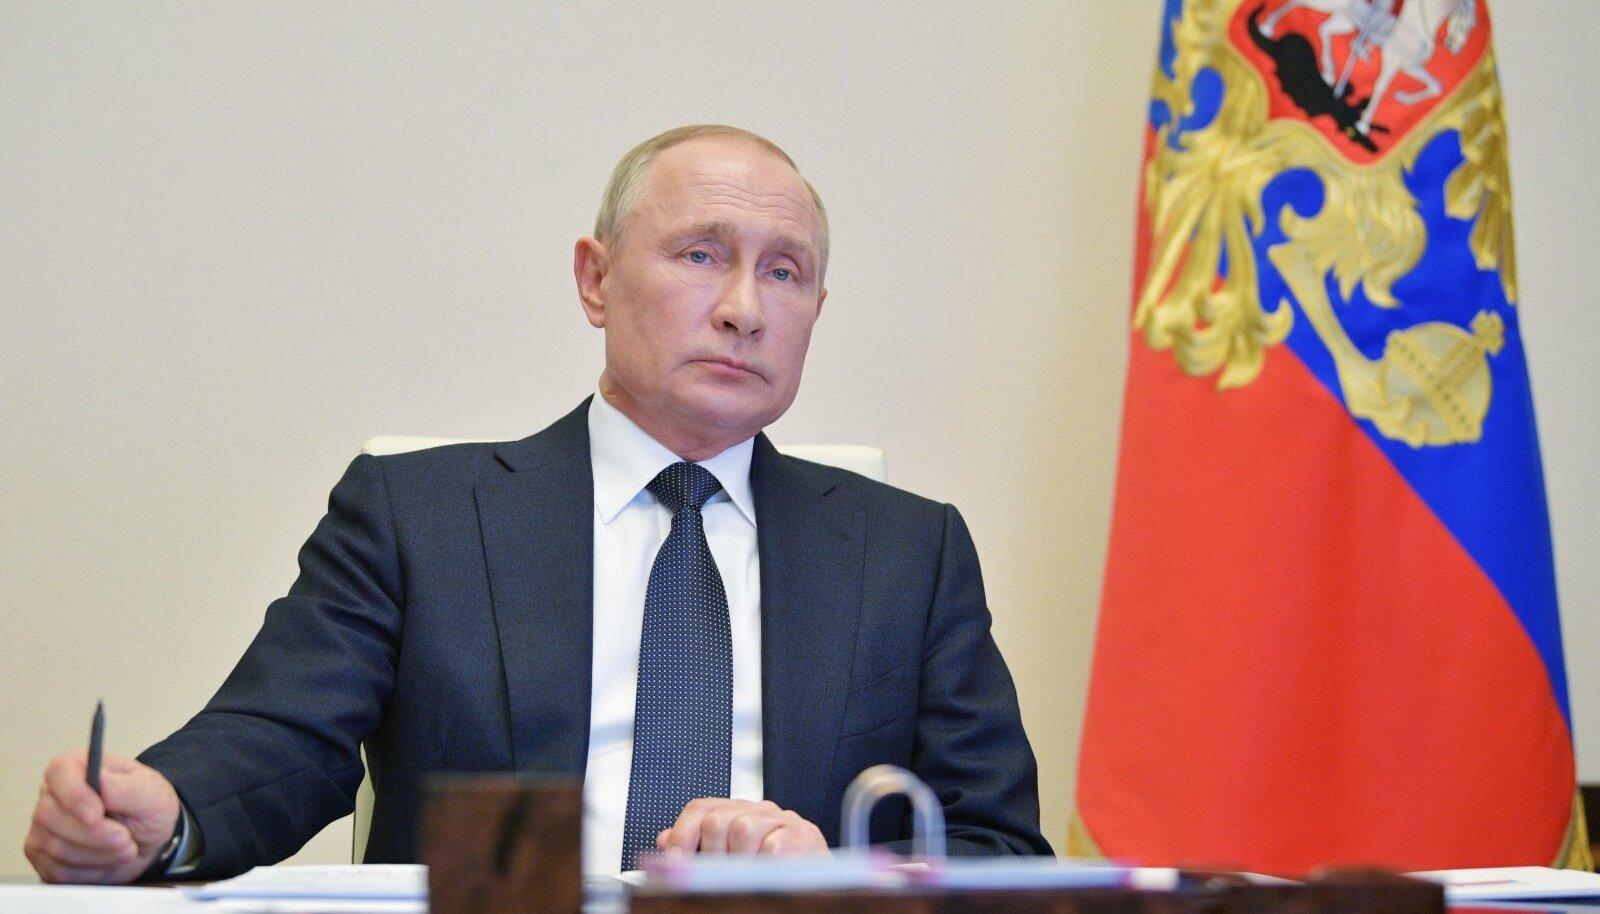 Kremli propaganda nimetab Ukraina Ülemraada 21. veebruari otsuseid järjekindlalt põhiseadusevastaseks, tihti fashistlikus riigipöördeks, mis olevadki tinginud järgnenud sündmused Krimmis ja Donbassis.